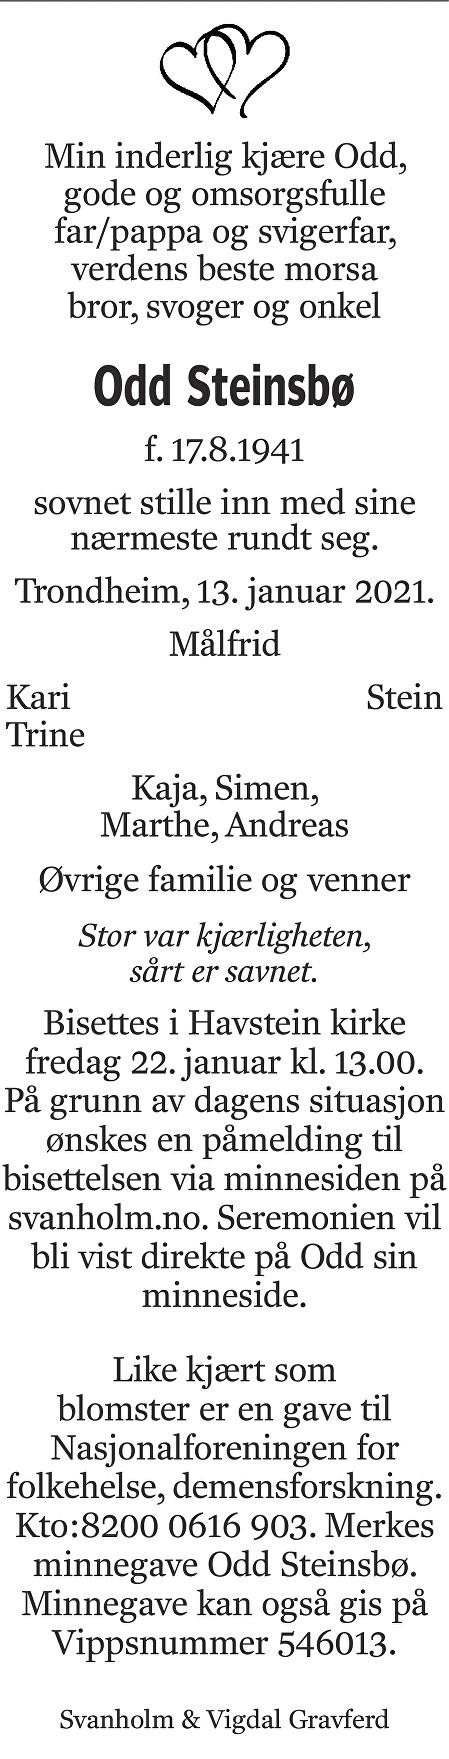 Odd Kåre Steinsbø Dødsannonse